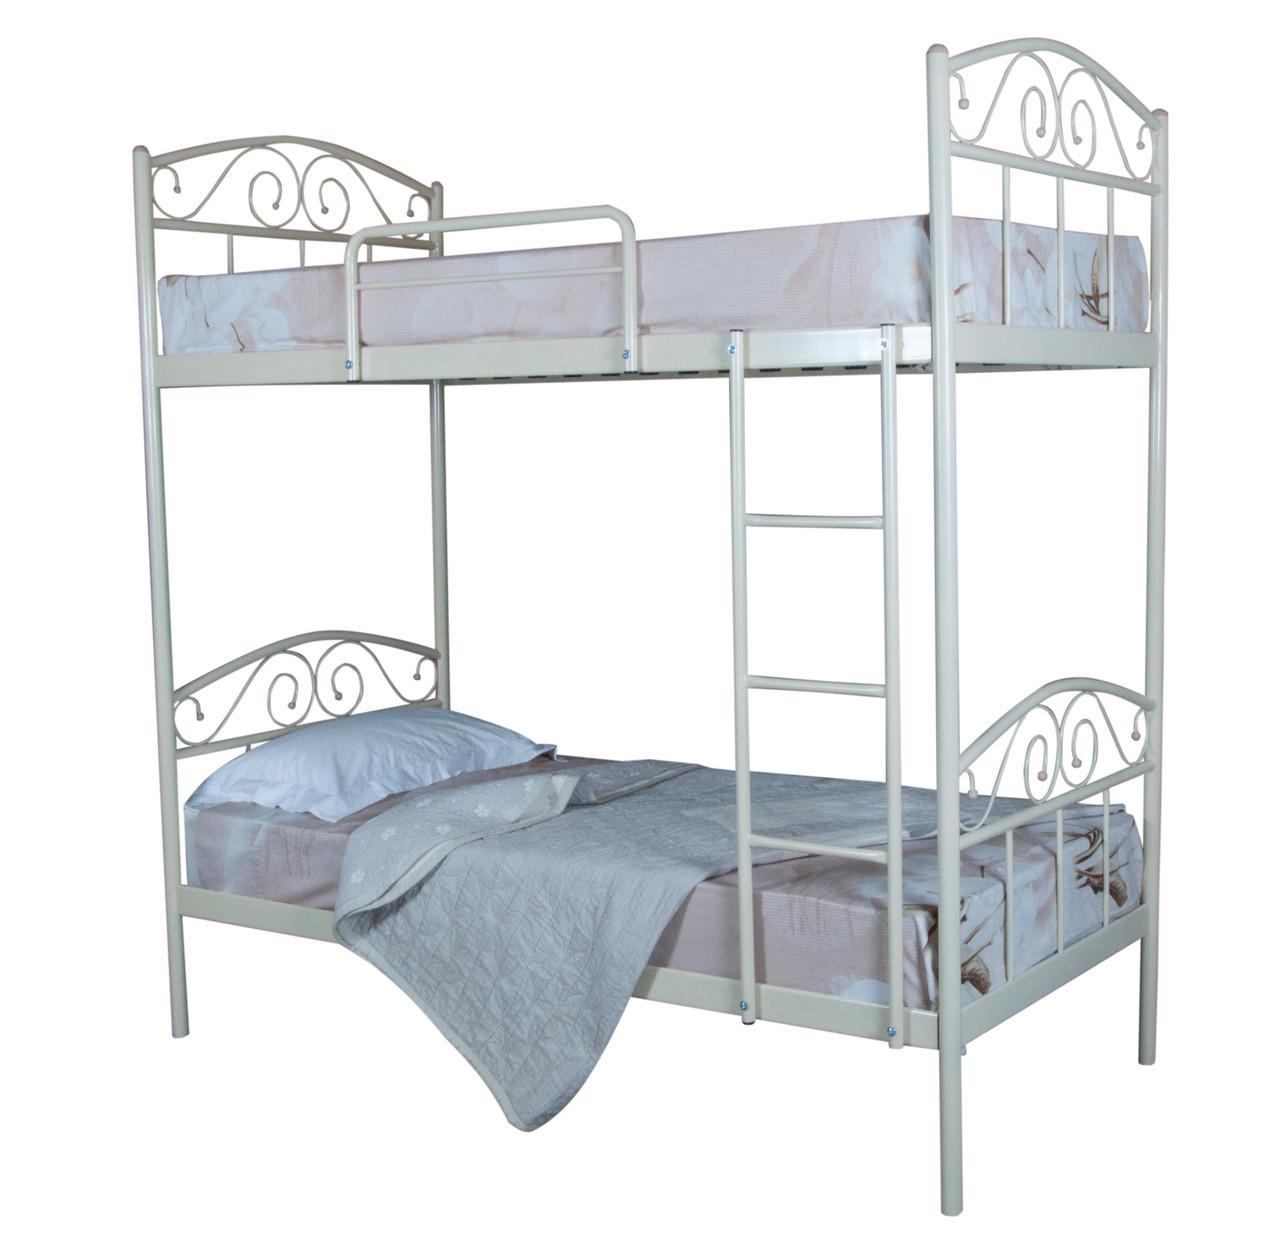 Кровать Элис Люкс двухъярусная 200х90, бирюзовая